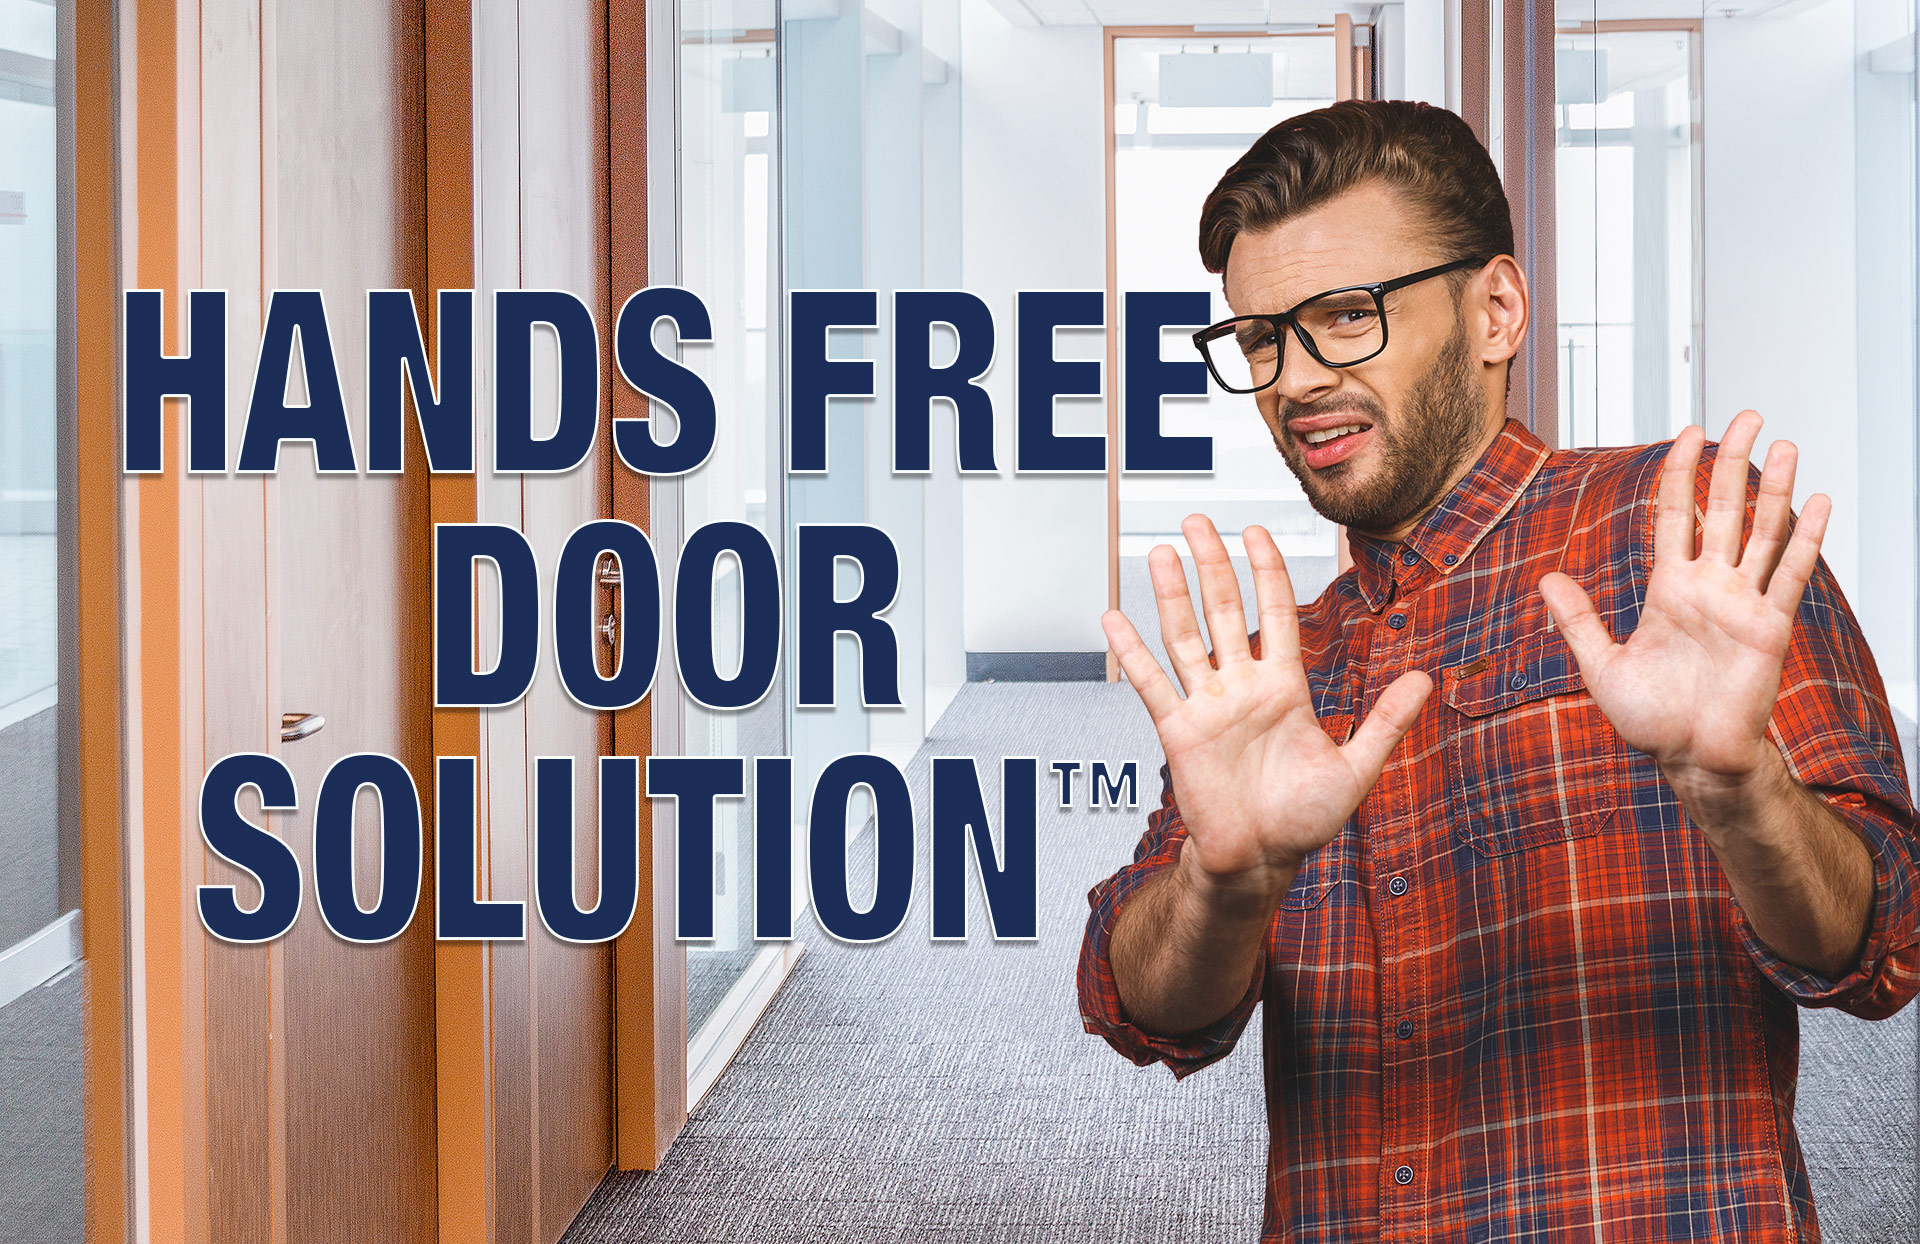 HandsFree-dude-in corridor